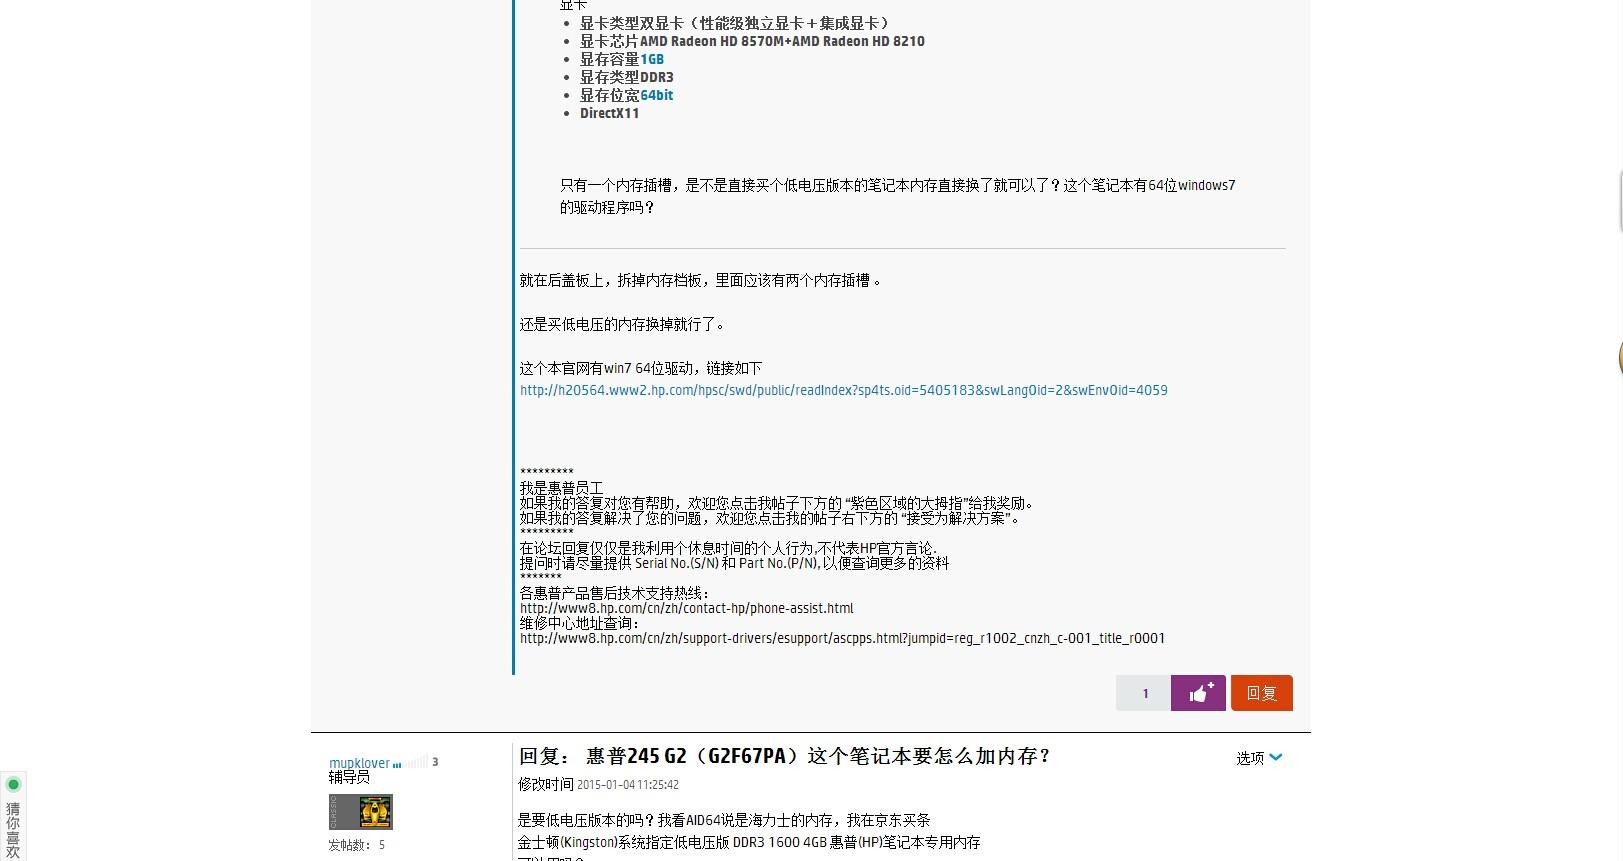 QQ图片20150114202758.jpg